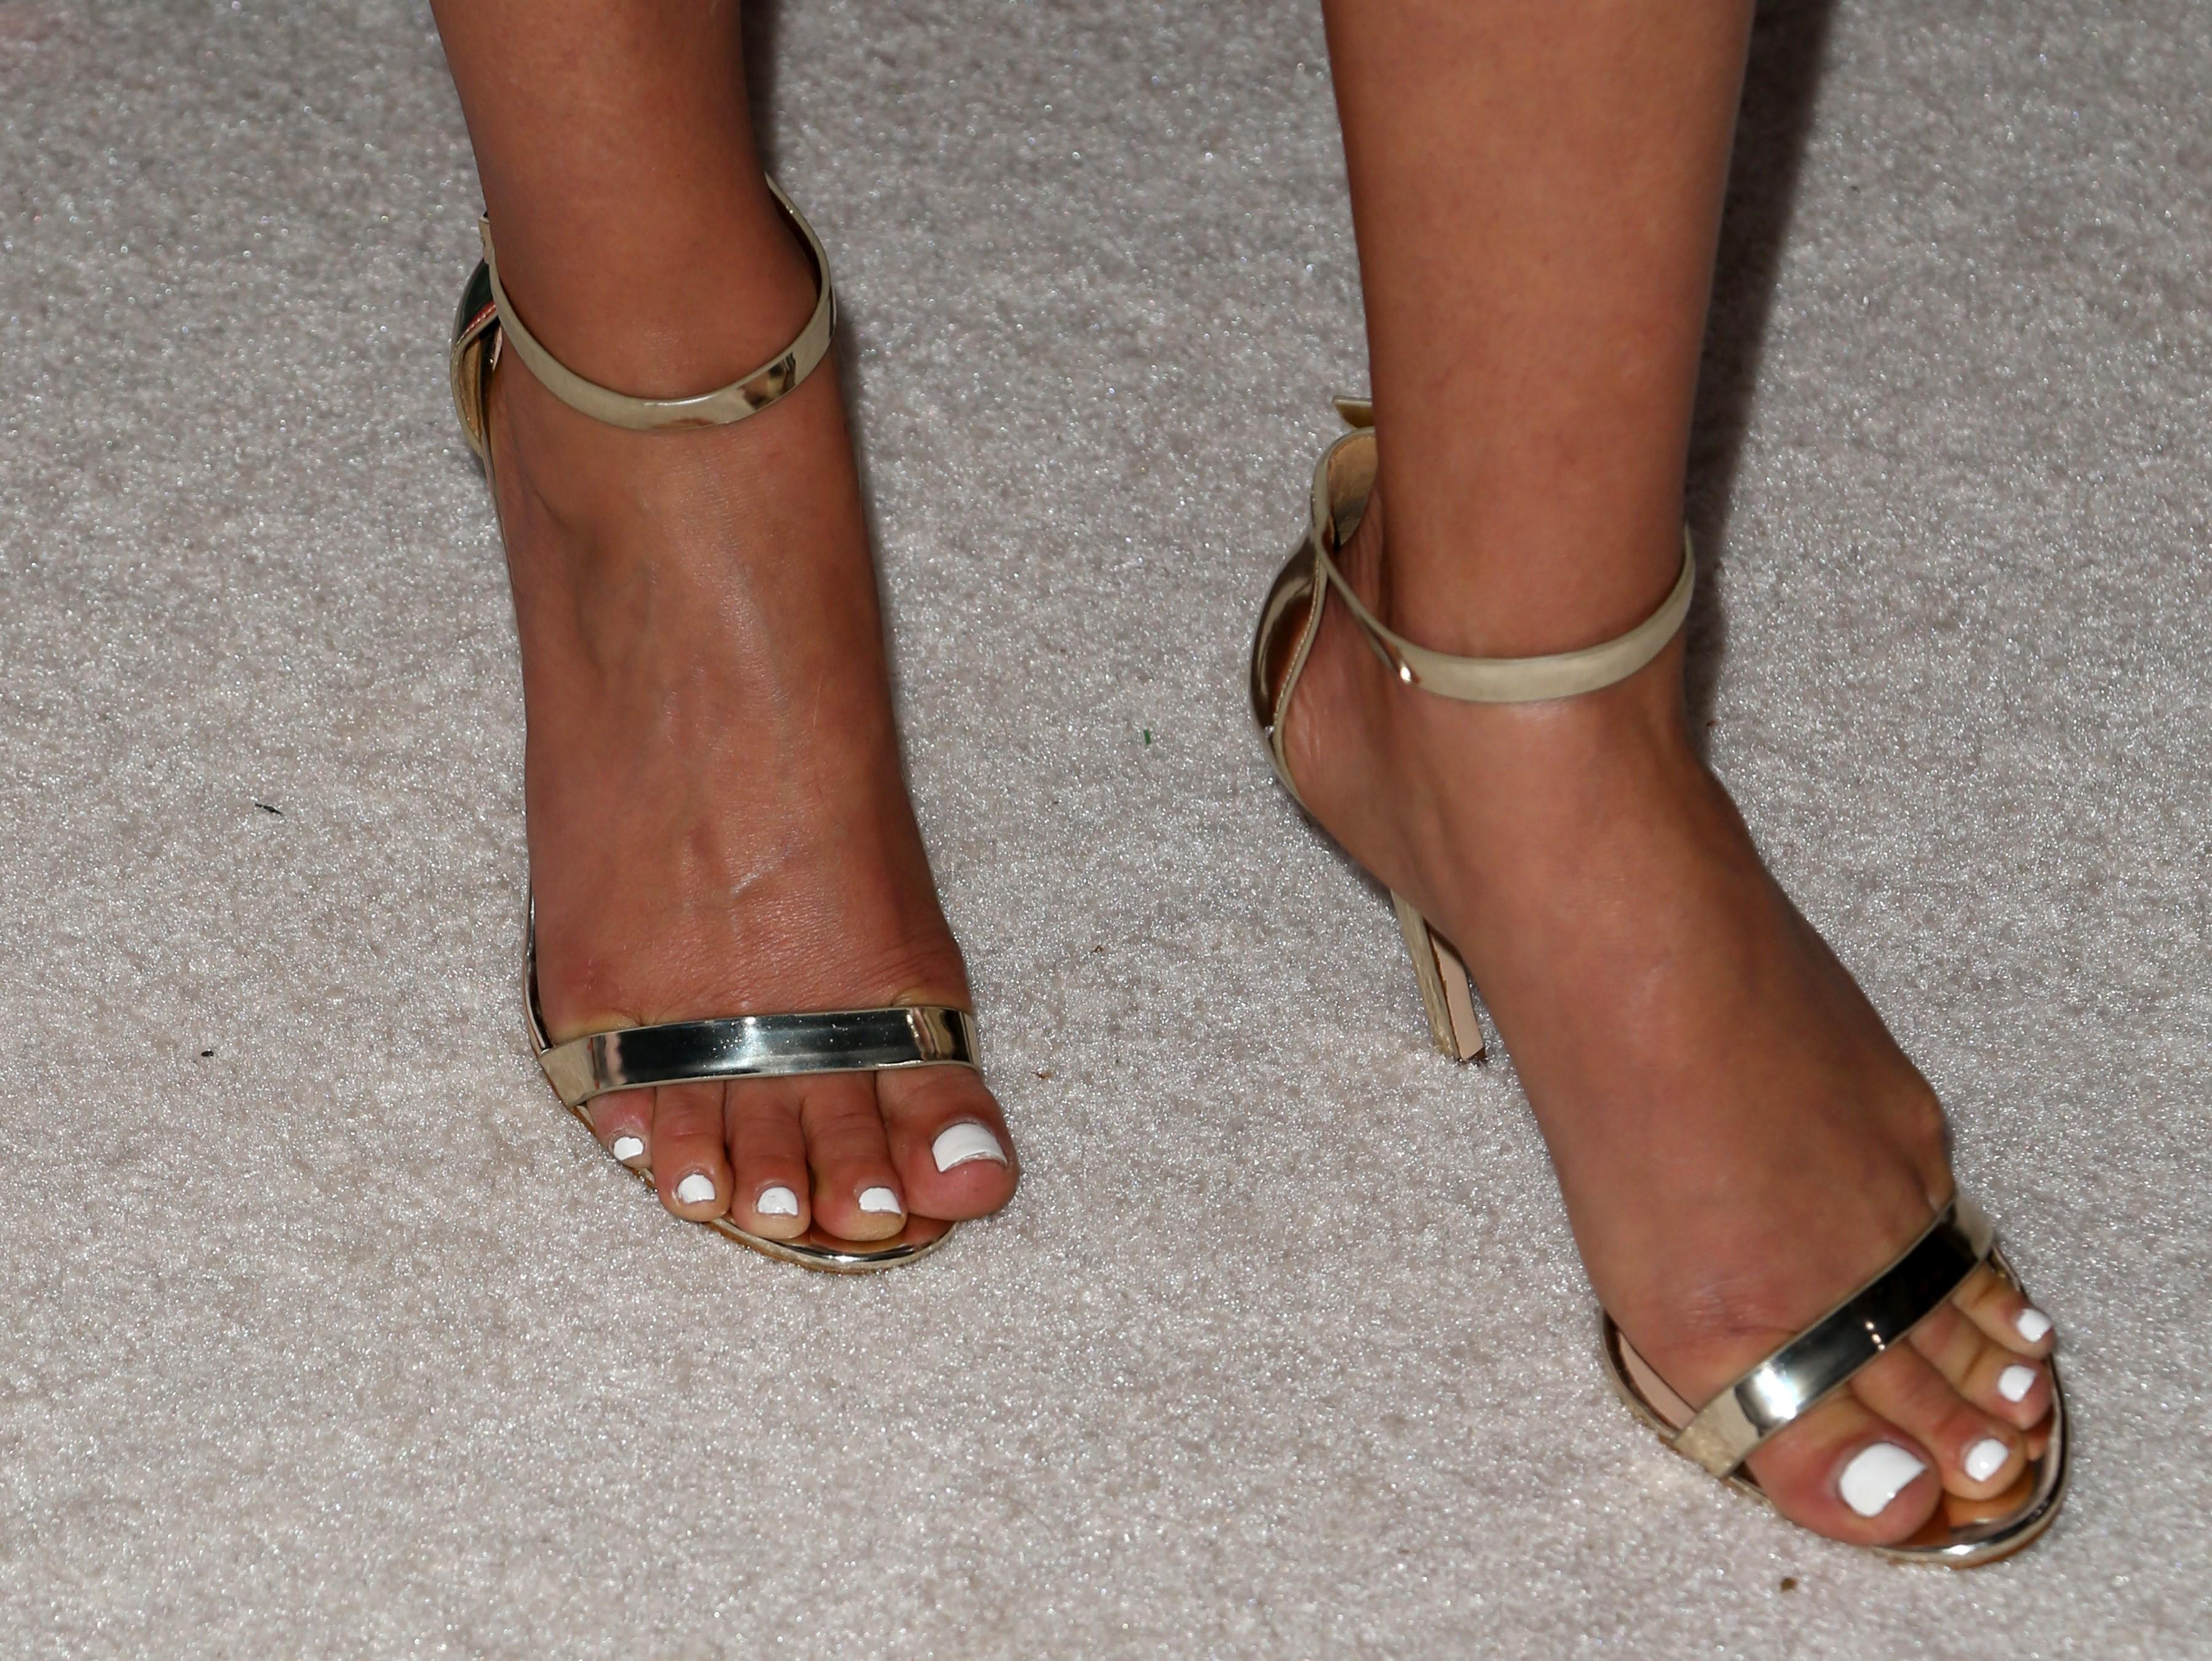 Ali Larter's Feet K Michelle 2013